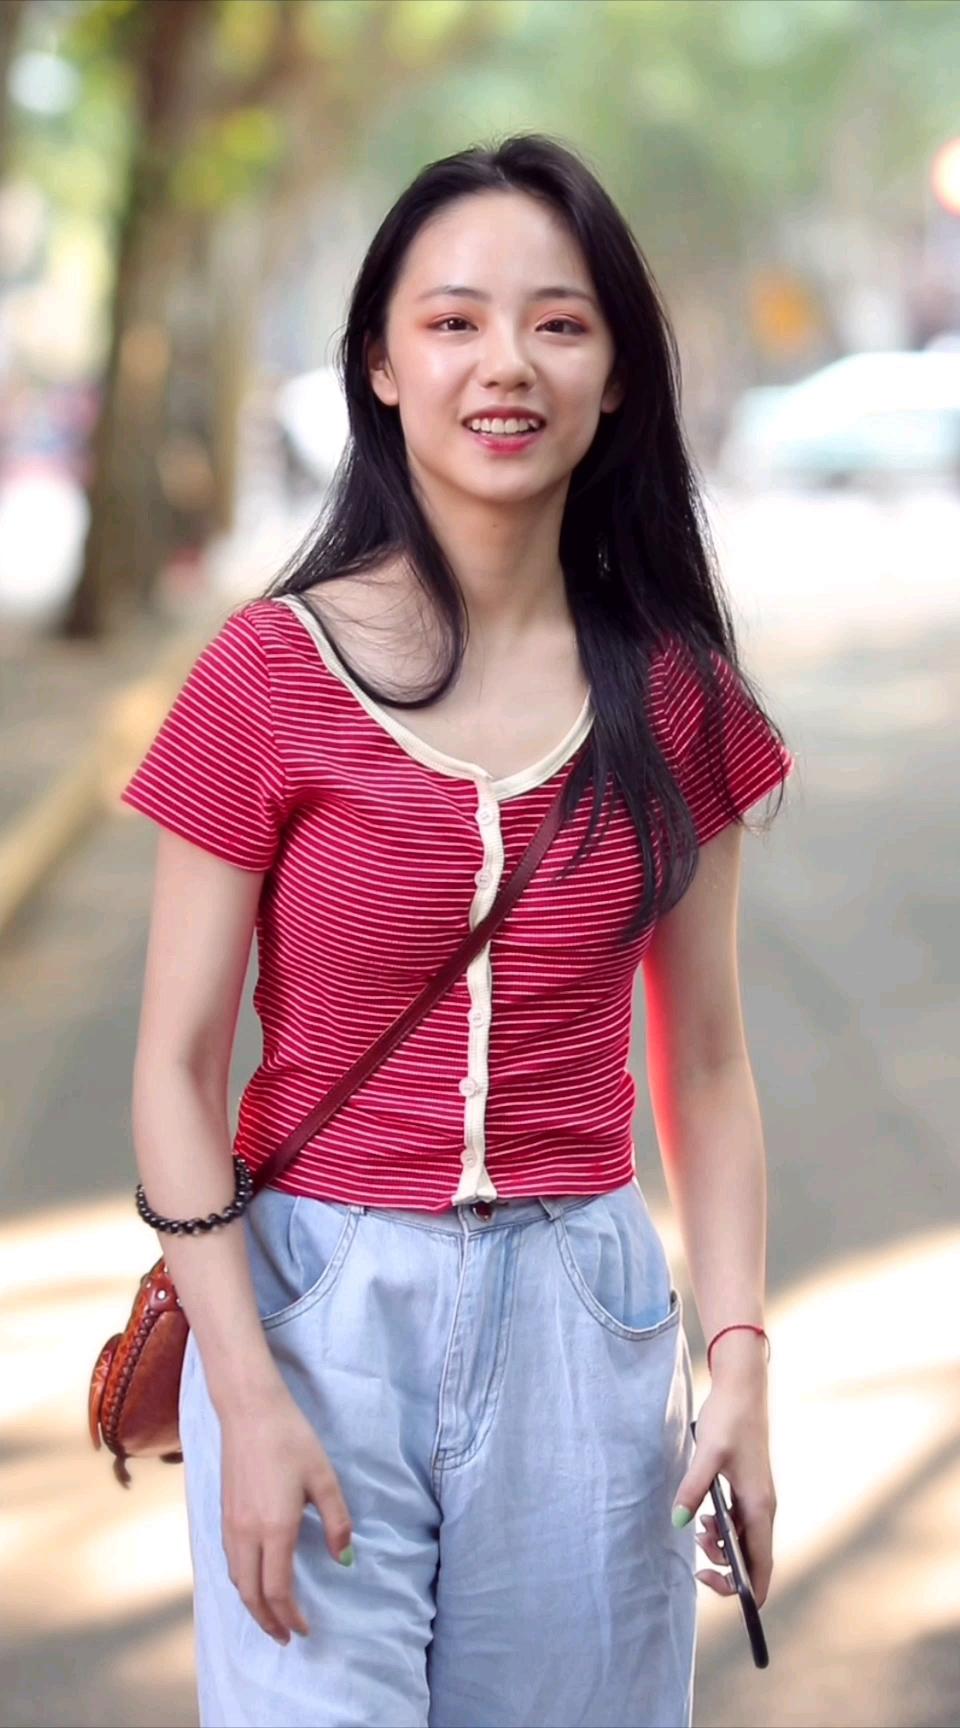 现在的高中生都这么会穿吗?这一身平价穿搭多少人粉?#街拍# 你在淘宝上买过最满意的单品是什么?